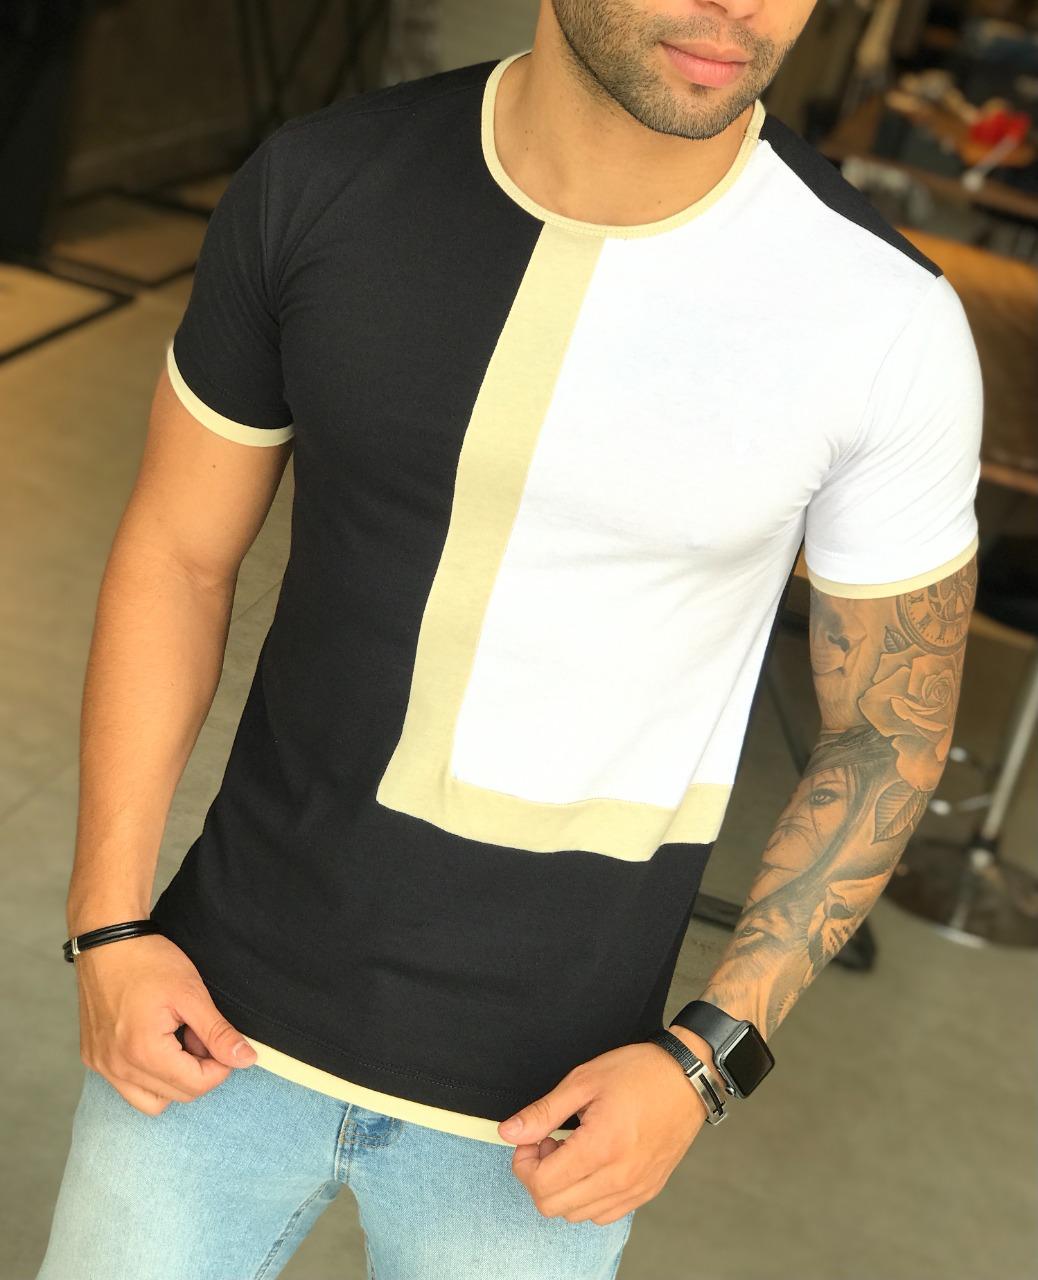 Camiseta M Artt Dual Preta e Branca Faixa Bege  - Harpia Moda - Moda Masculina & Acessórios